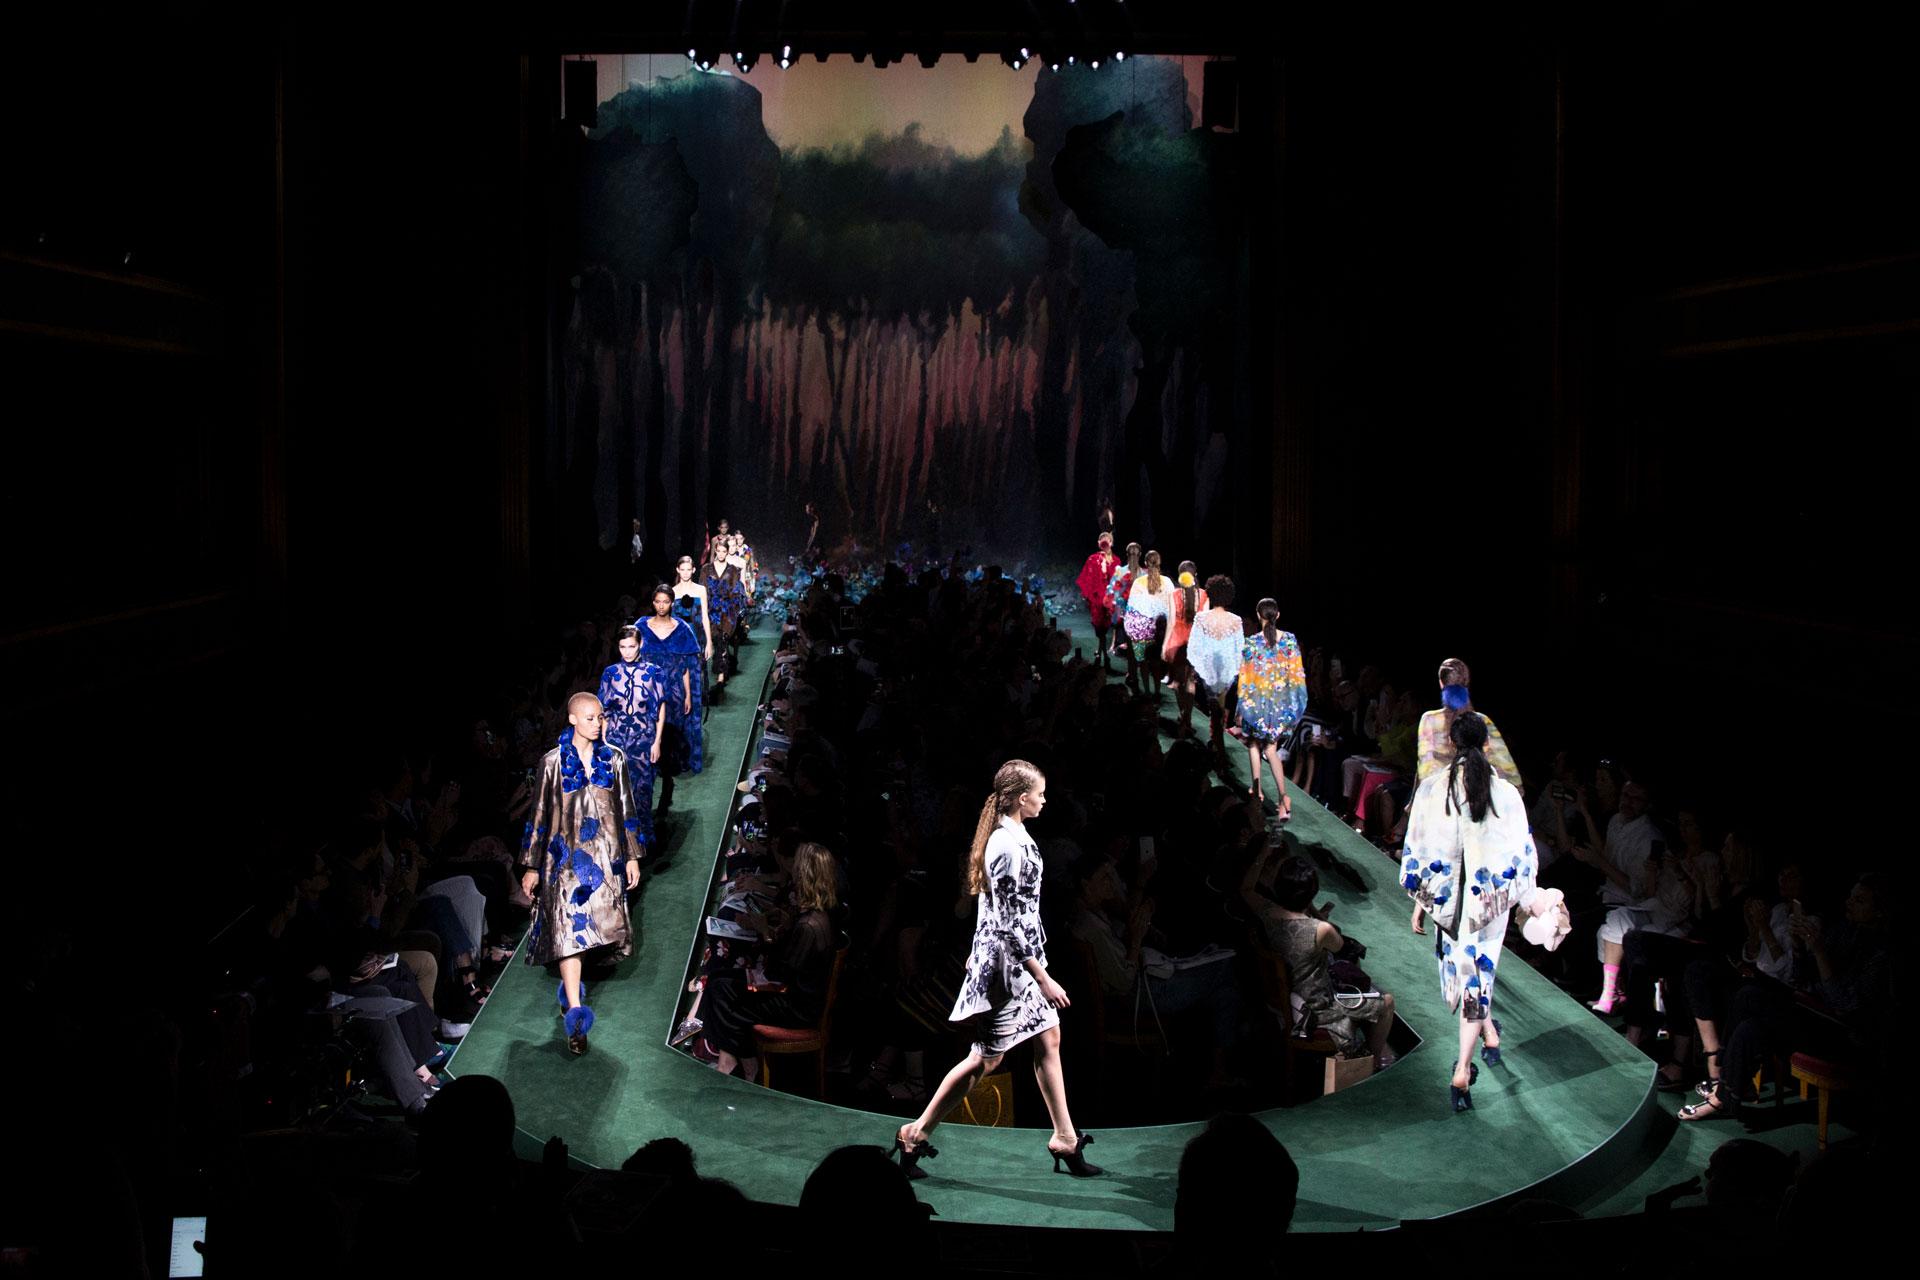 La puesta en escena, pasarela en 'U' con fondo imaginario de bosque (AP)